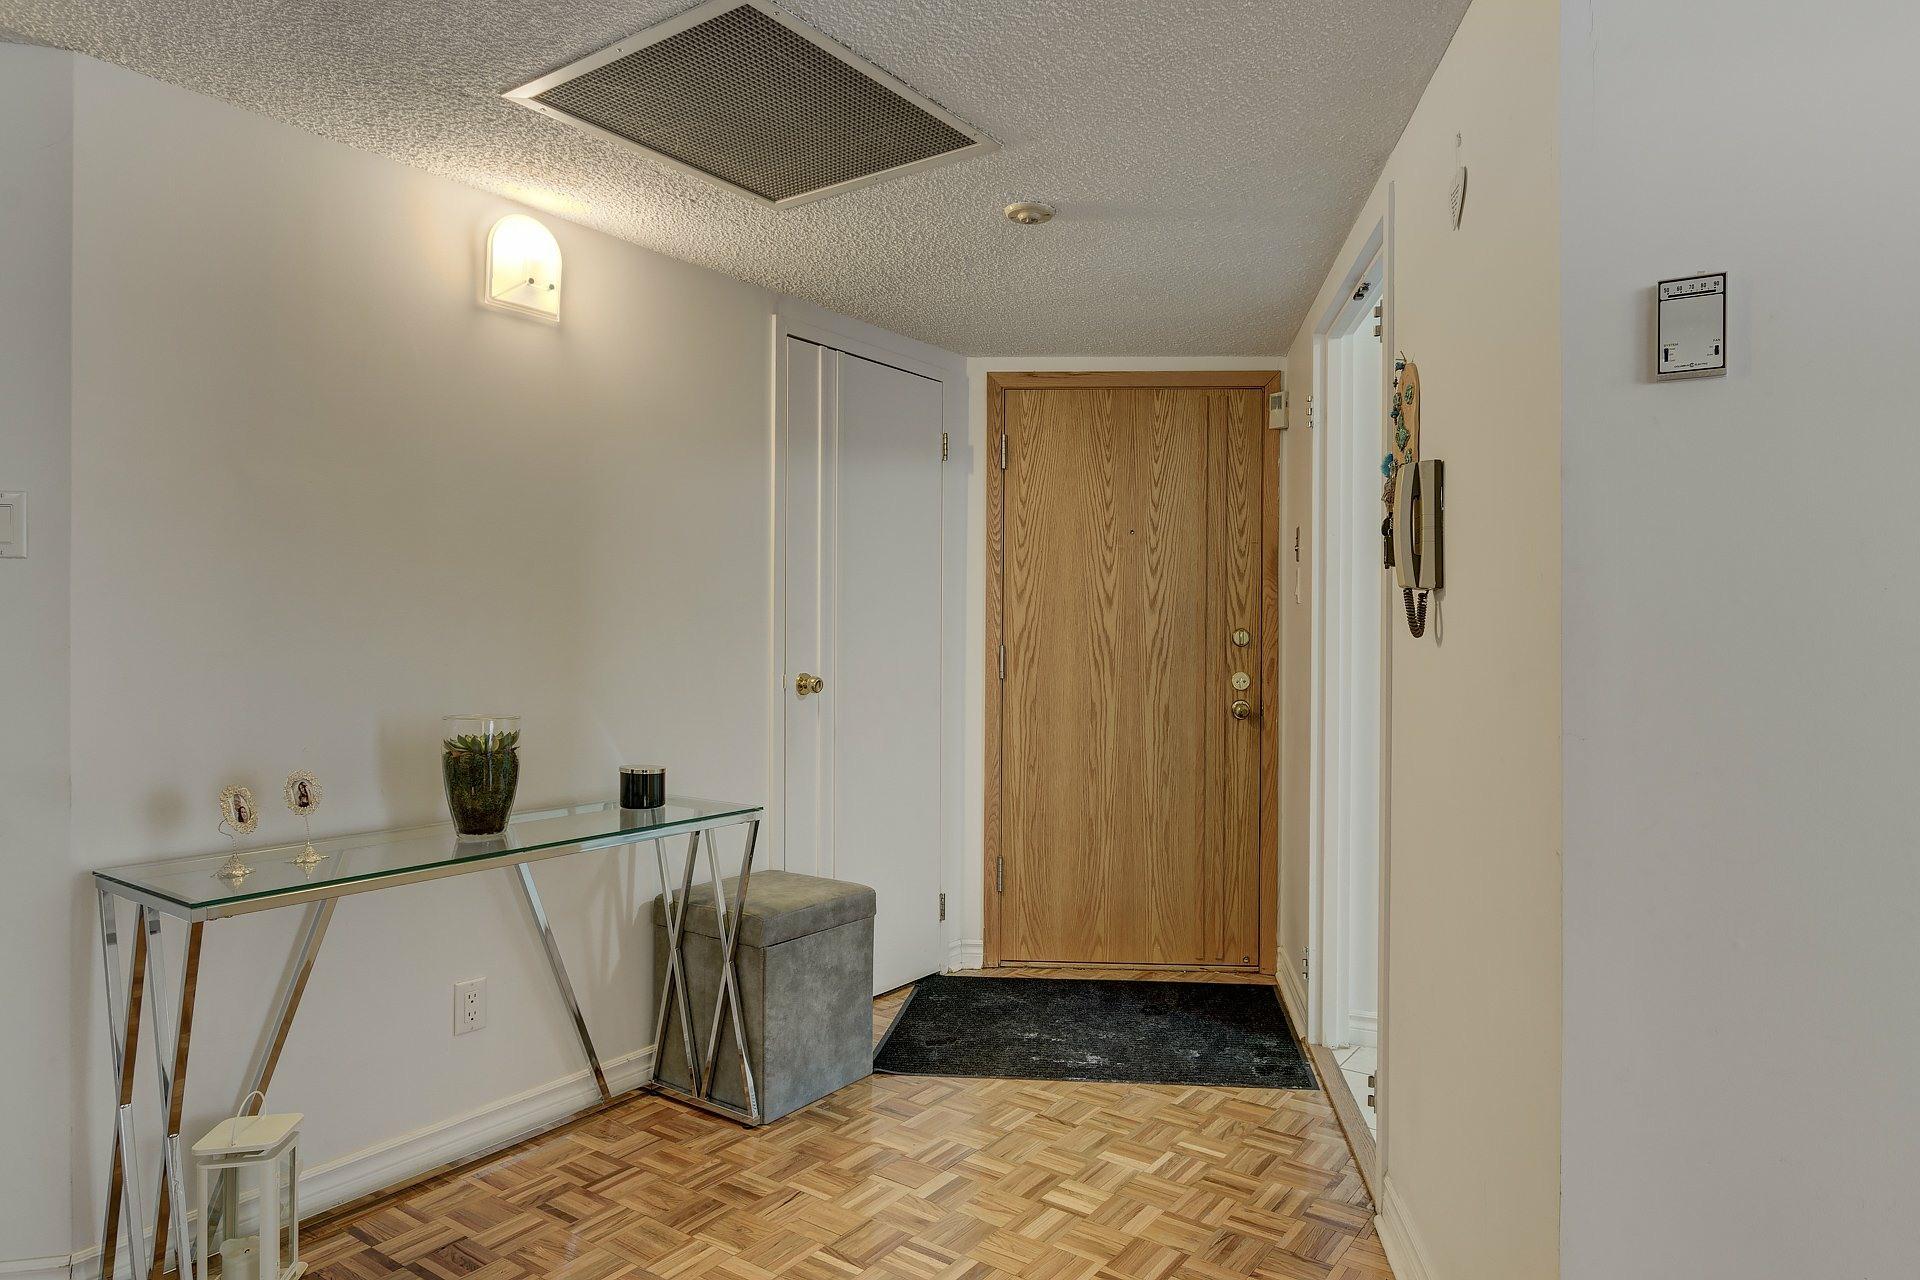 image 7 - Appartement À vendre Montréal Ville-Marie  - 4 pièces